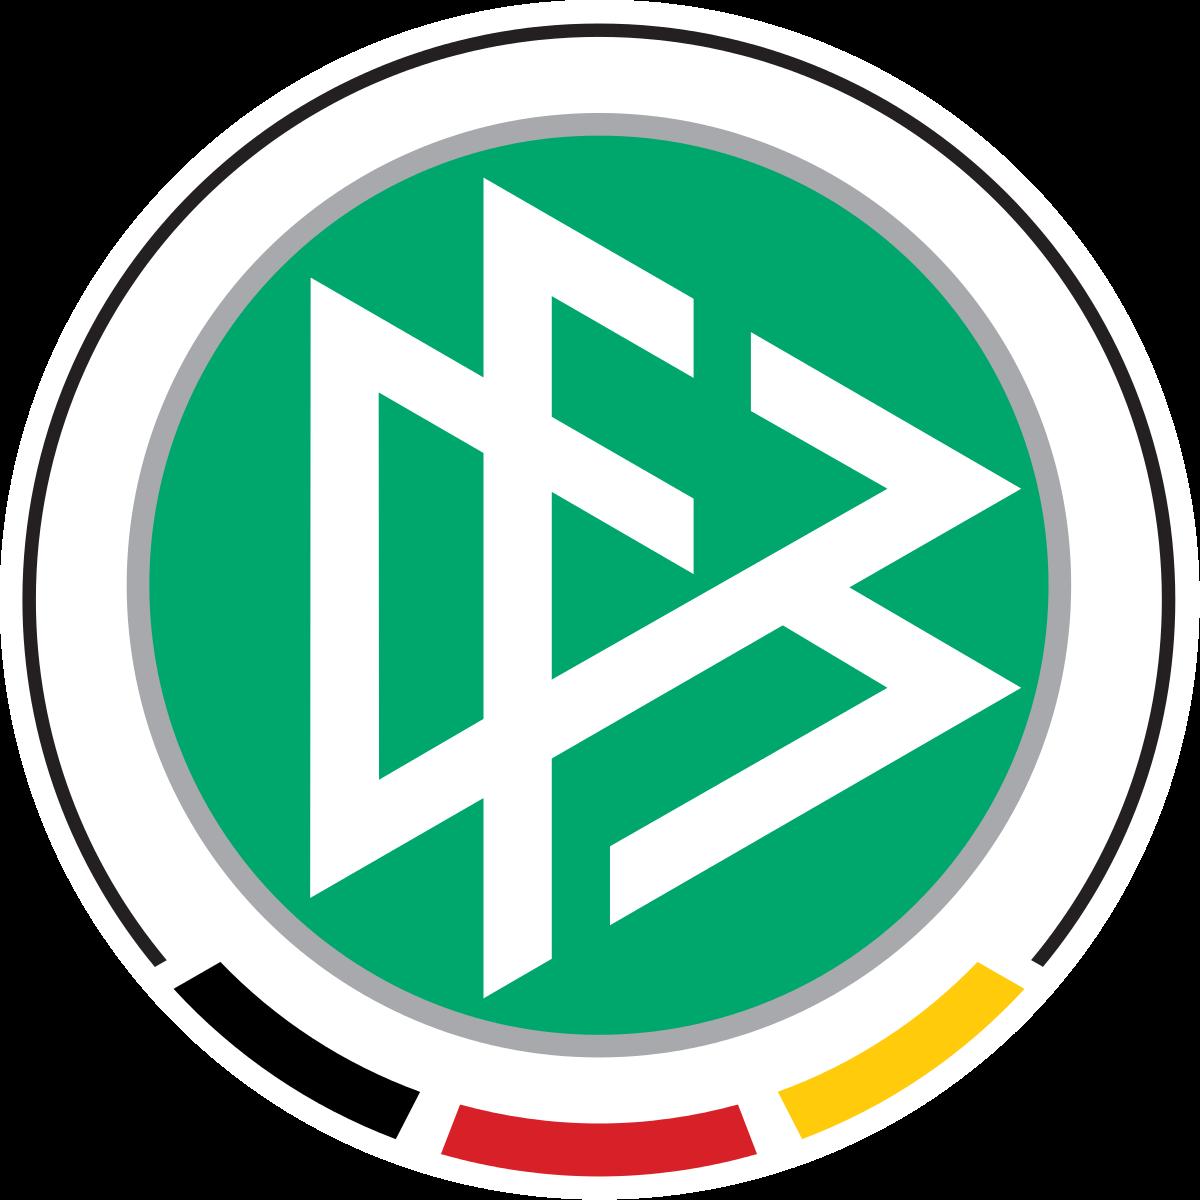 Federasi Sepakbola Jerman